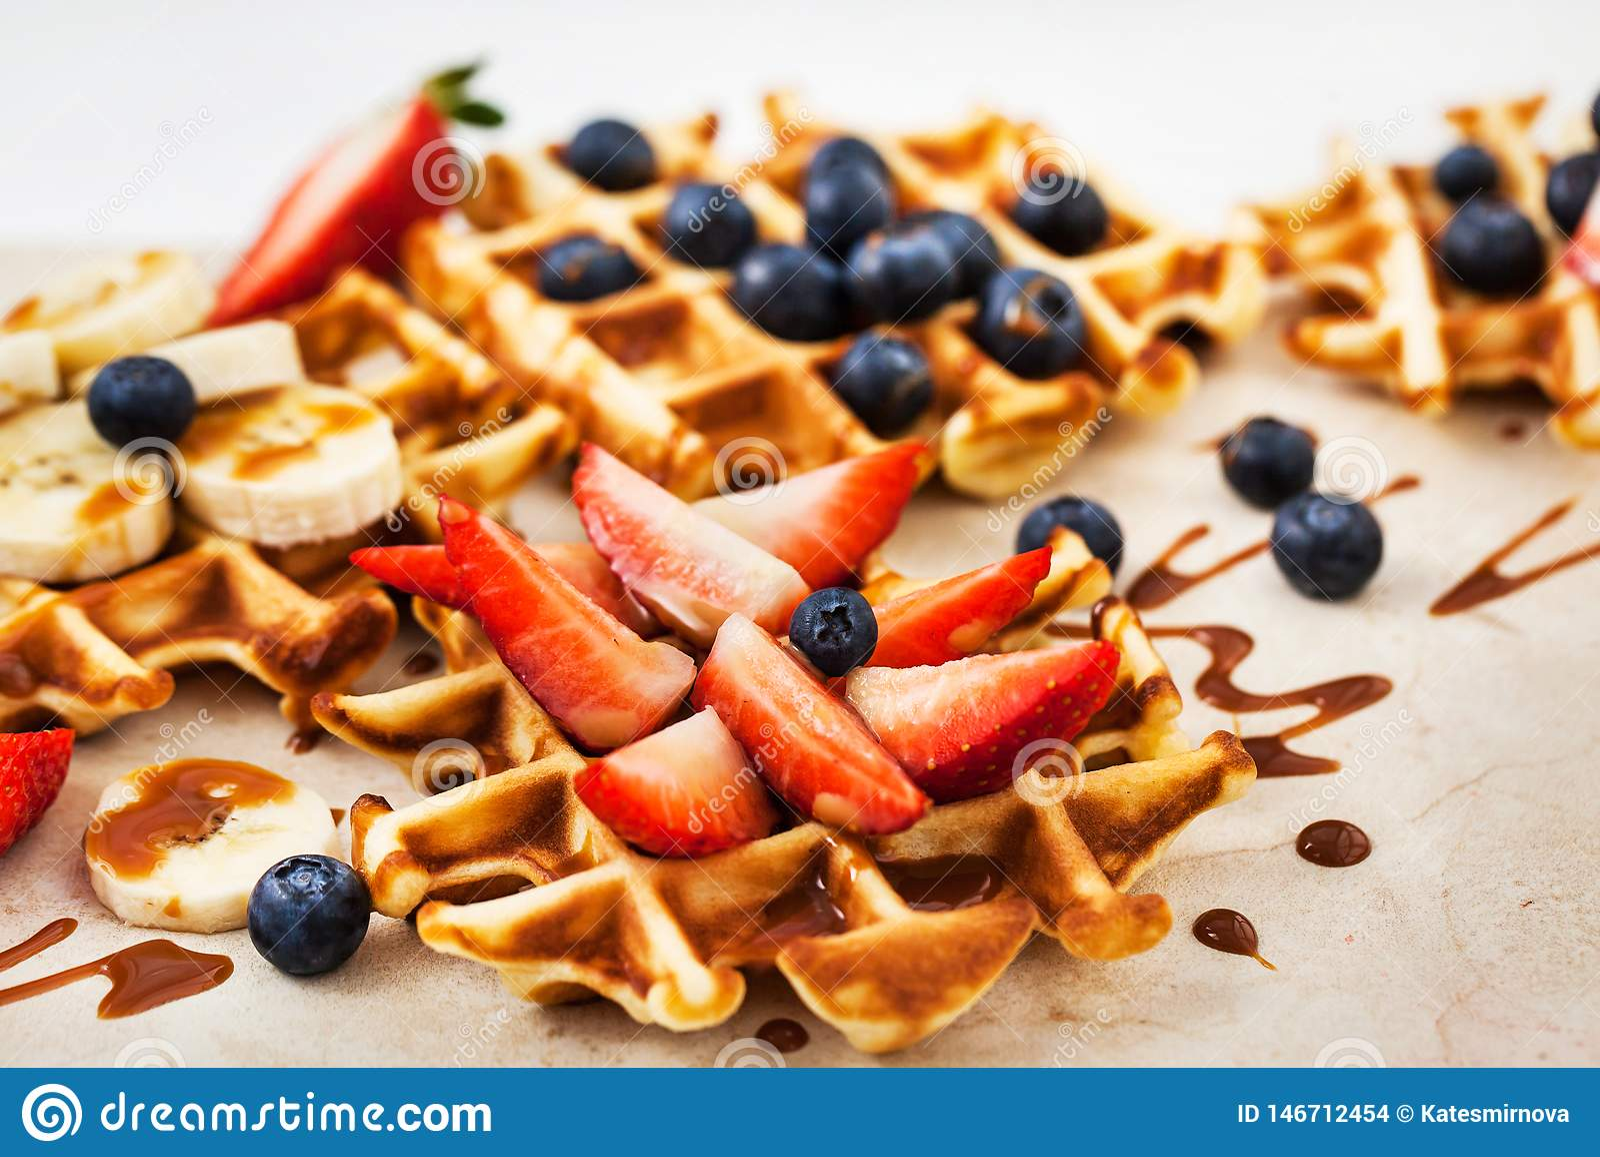 新鲜的自创奶蛋烘饼装饰用蓝莓、草莓和香蕉